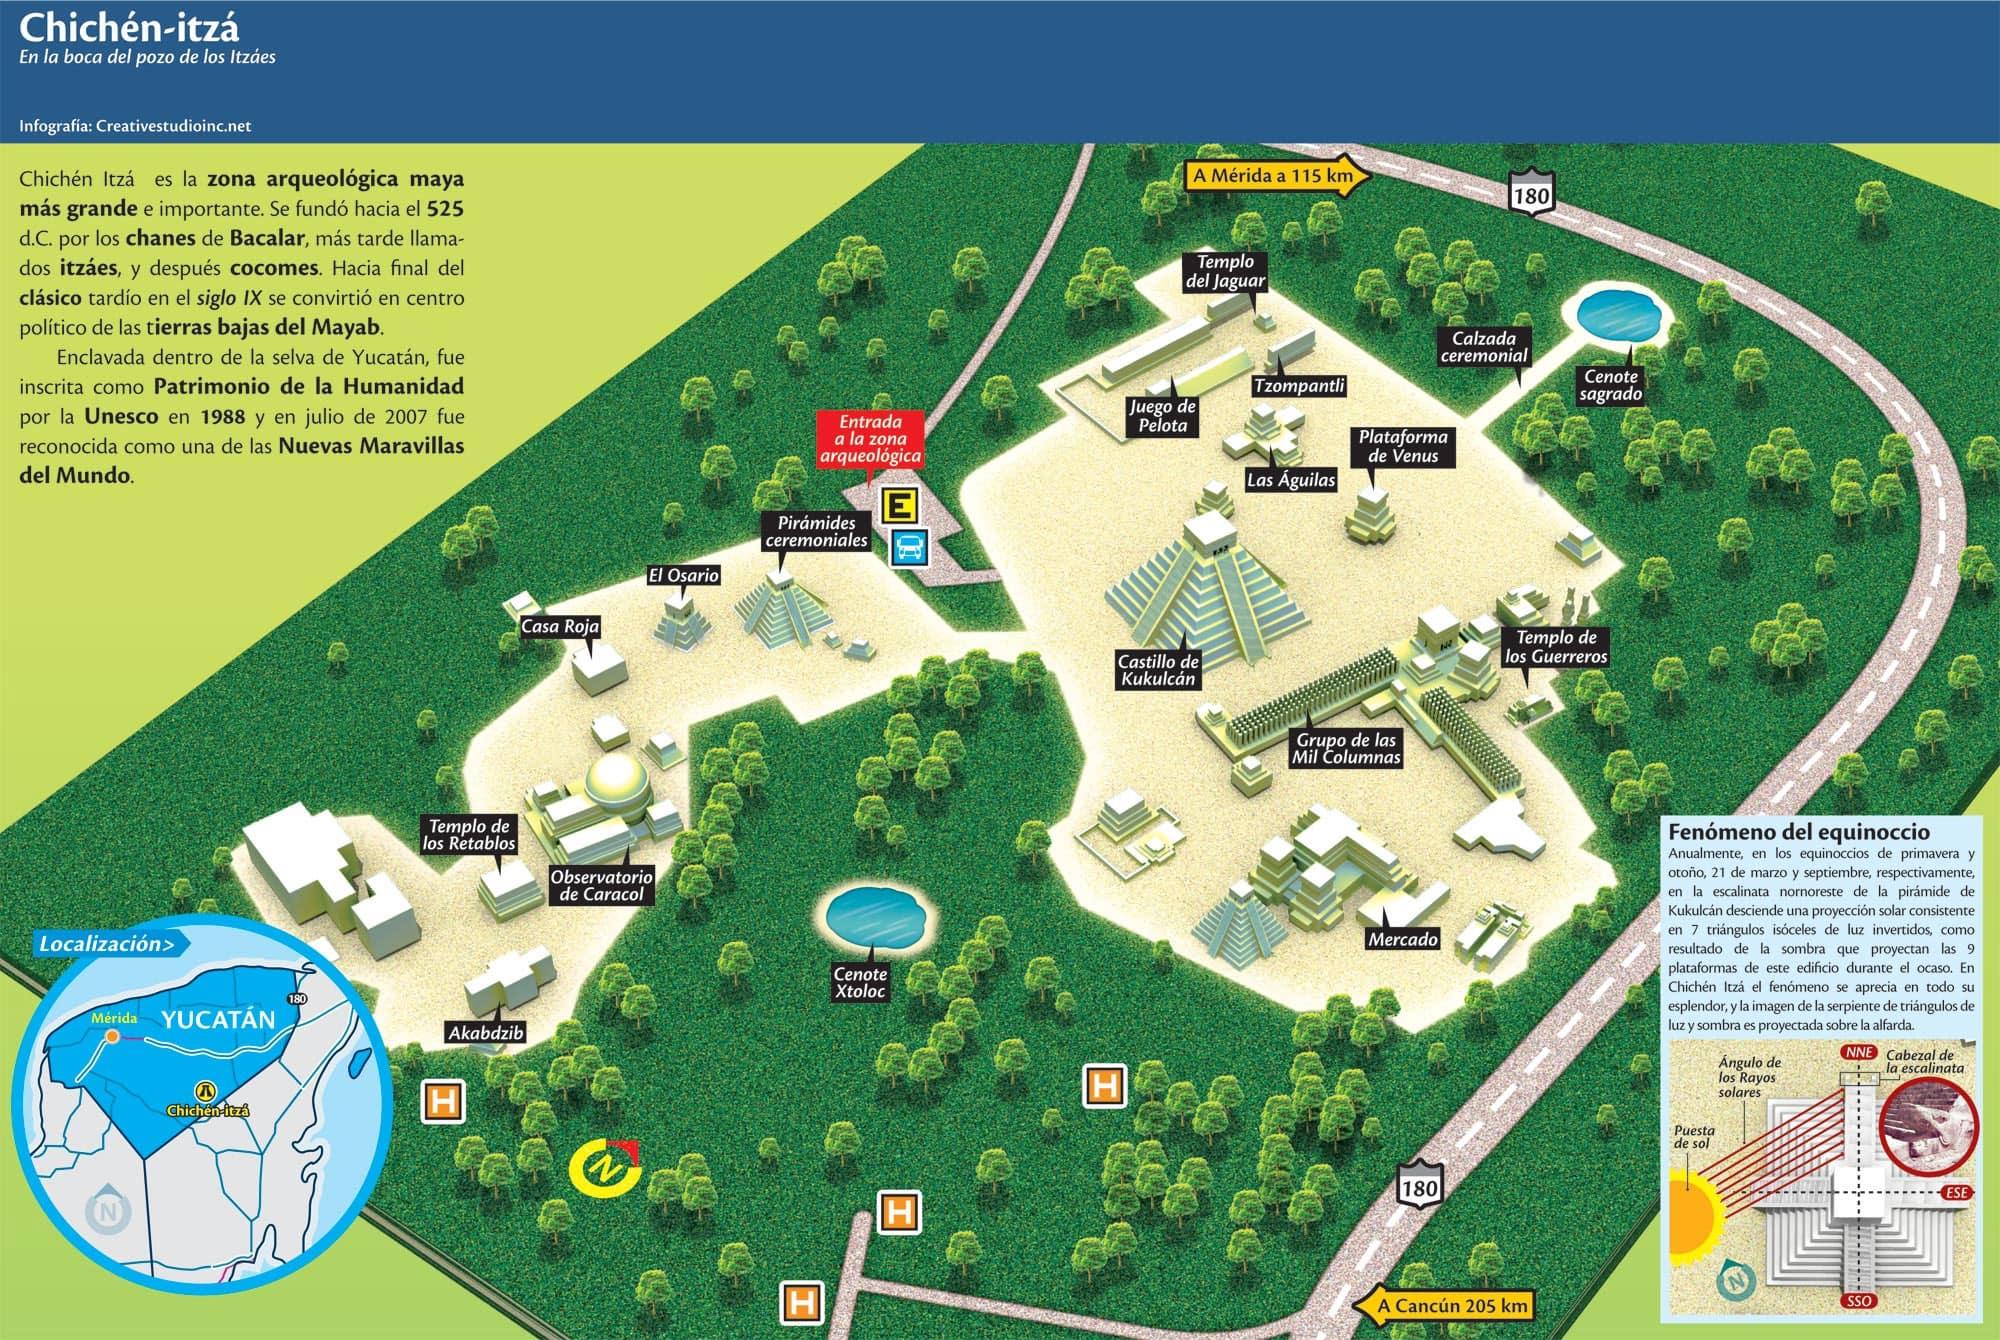 Karte, Plan, Chichen Itza, Mayastätte, Ruine, Halbinsel Yucatan, Mexiko, Auf eigene Faust, Reisebericht